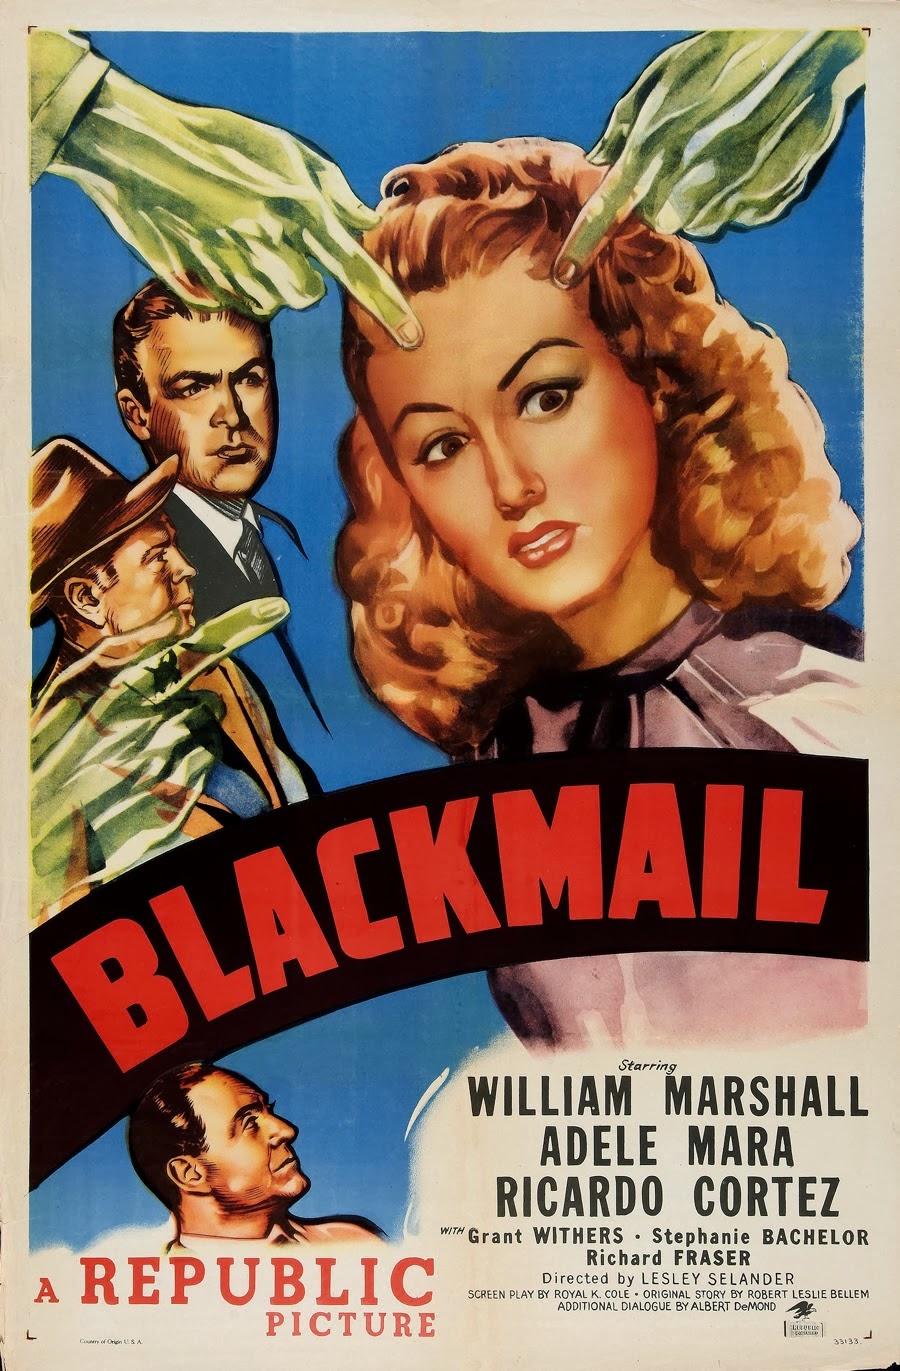 Blackmail (1947 film) - Wikipedia